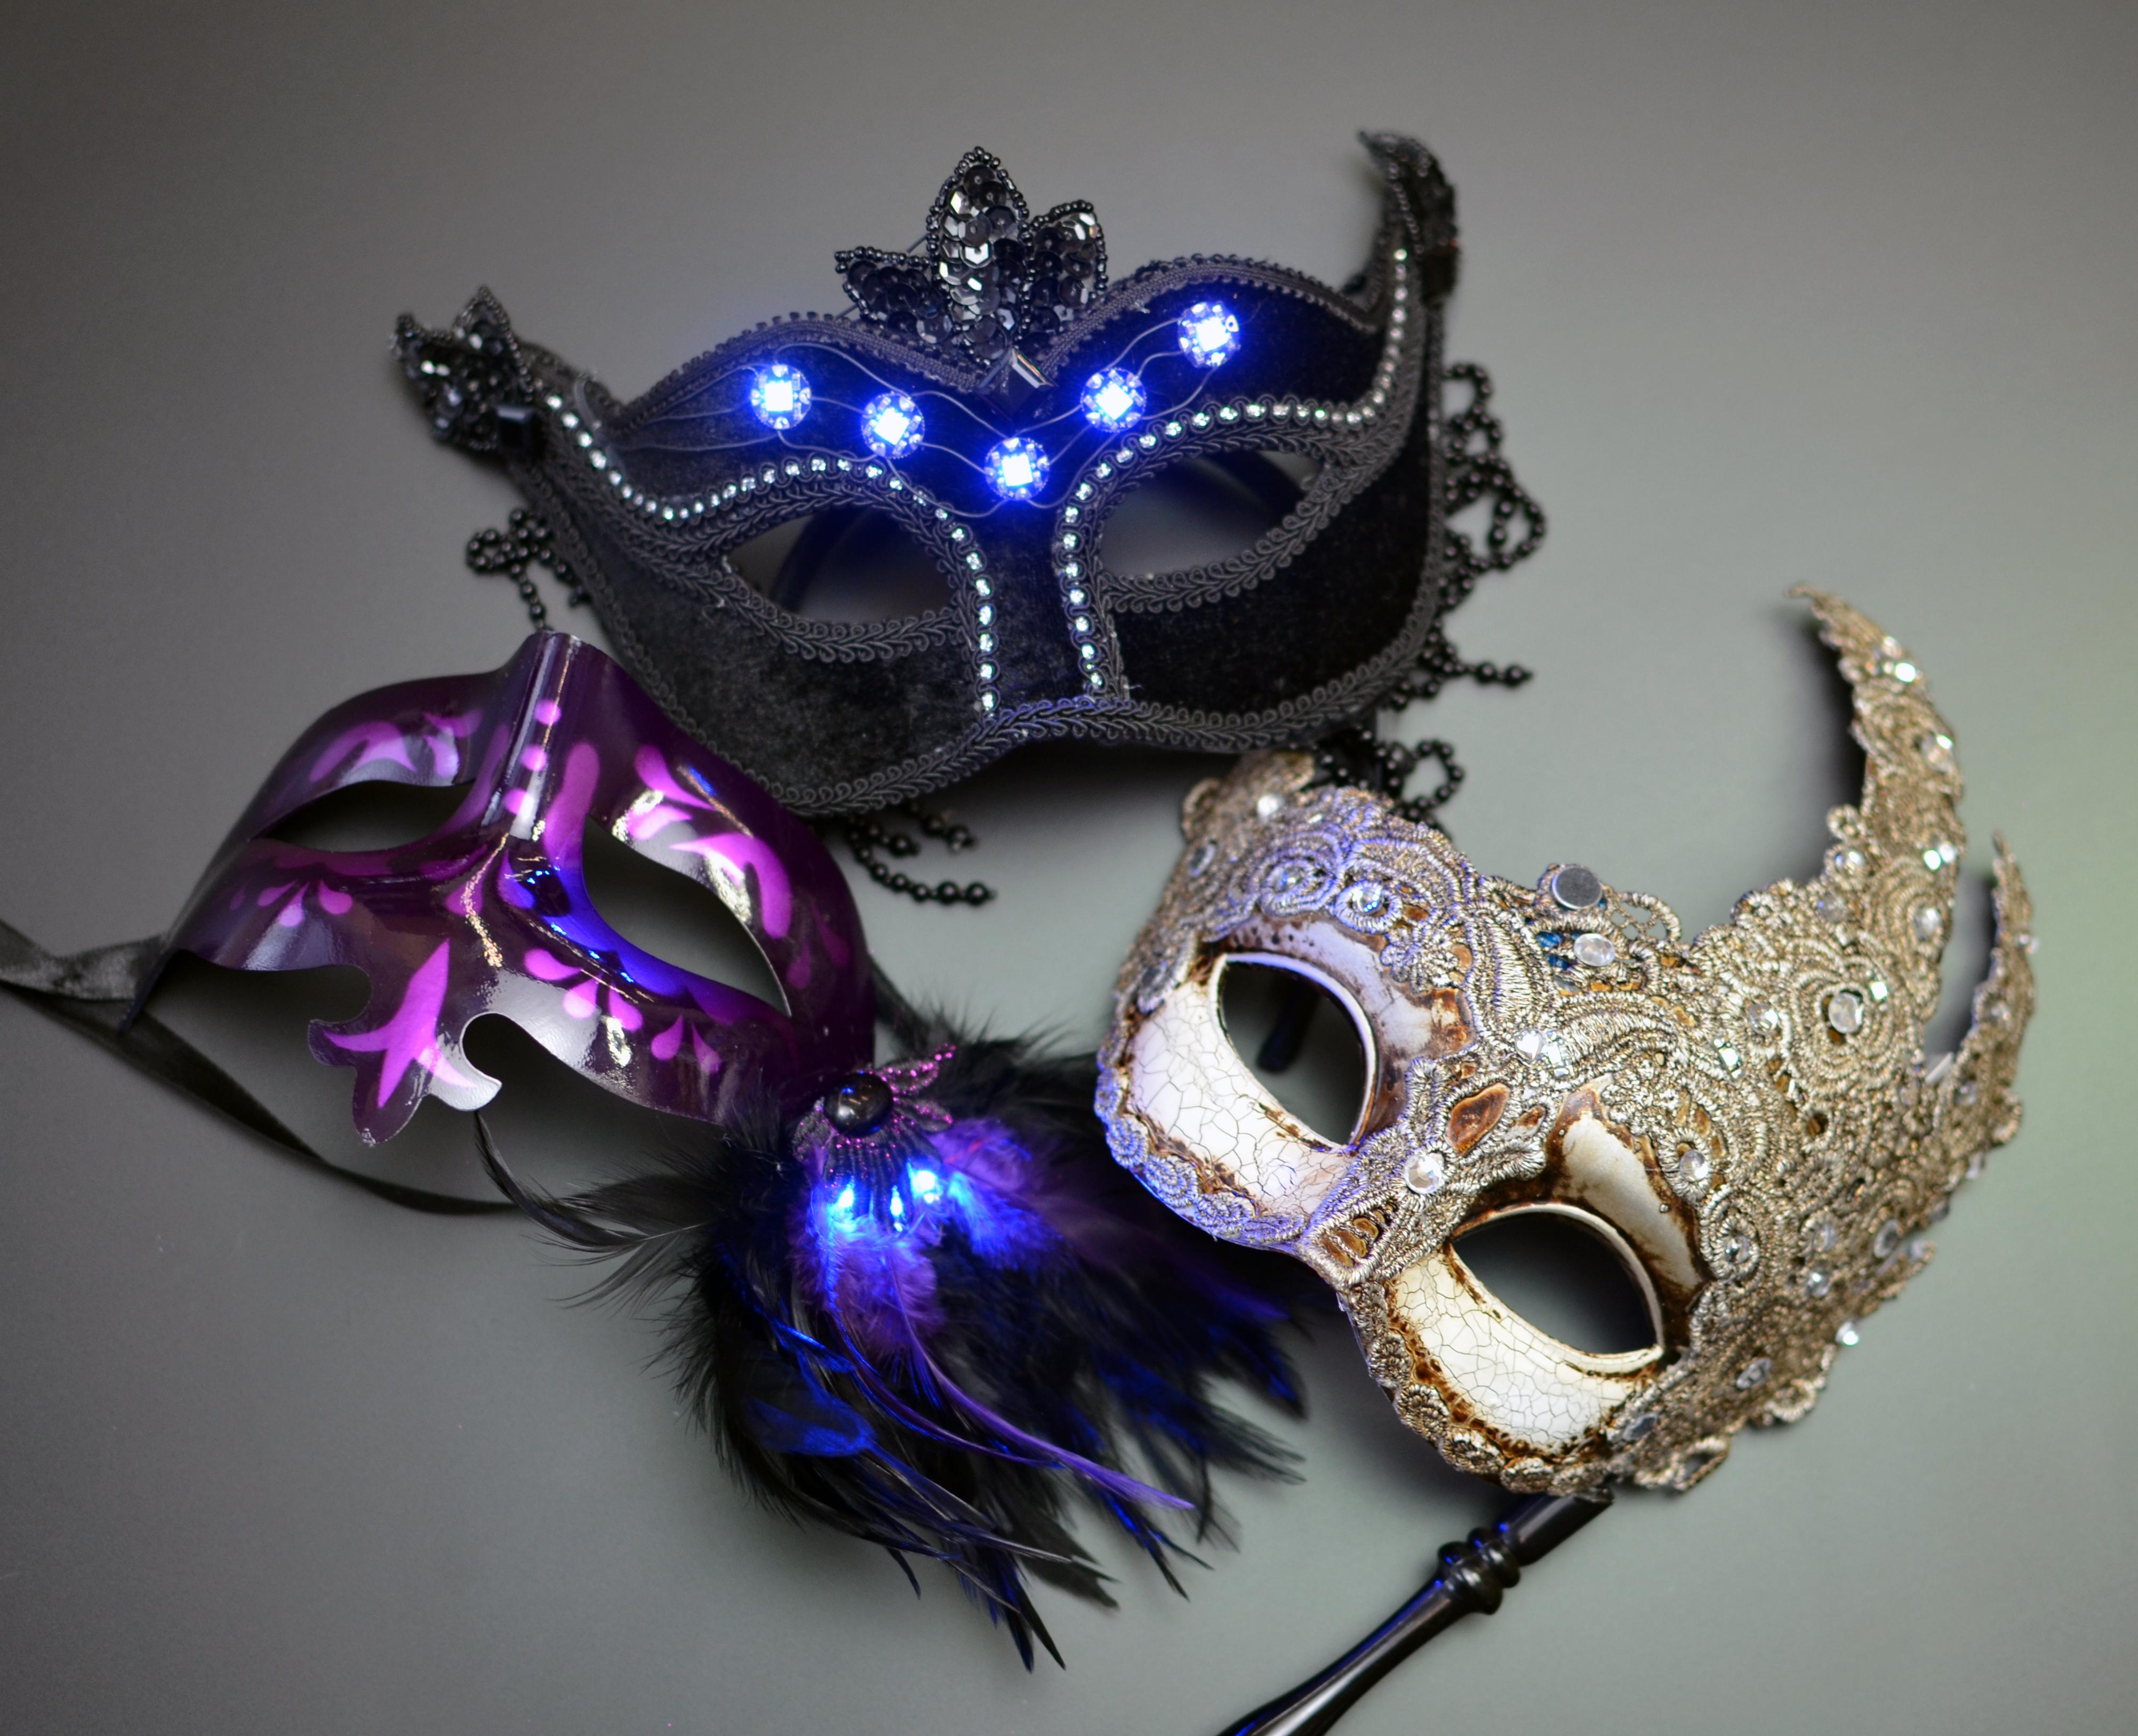 leds_three-masks-together.jpg